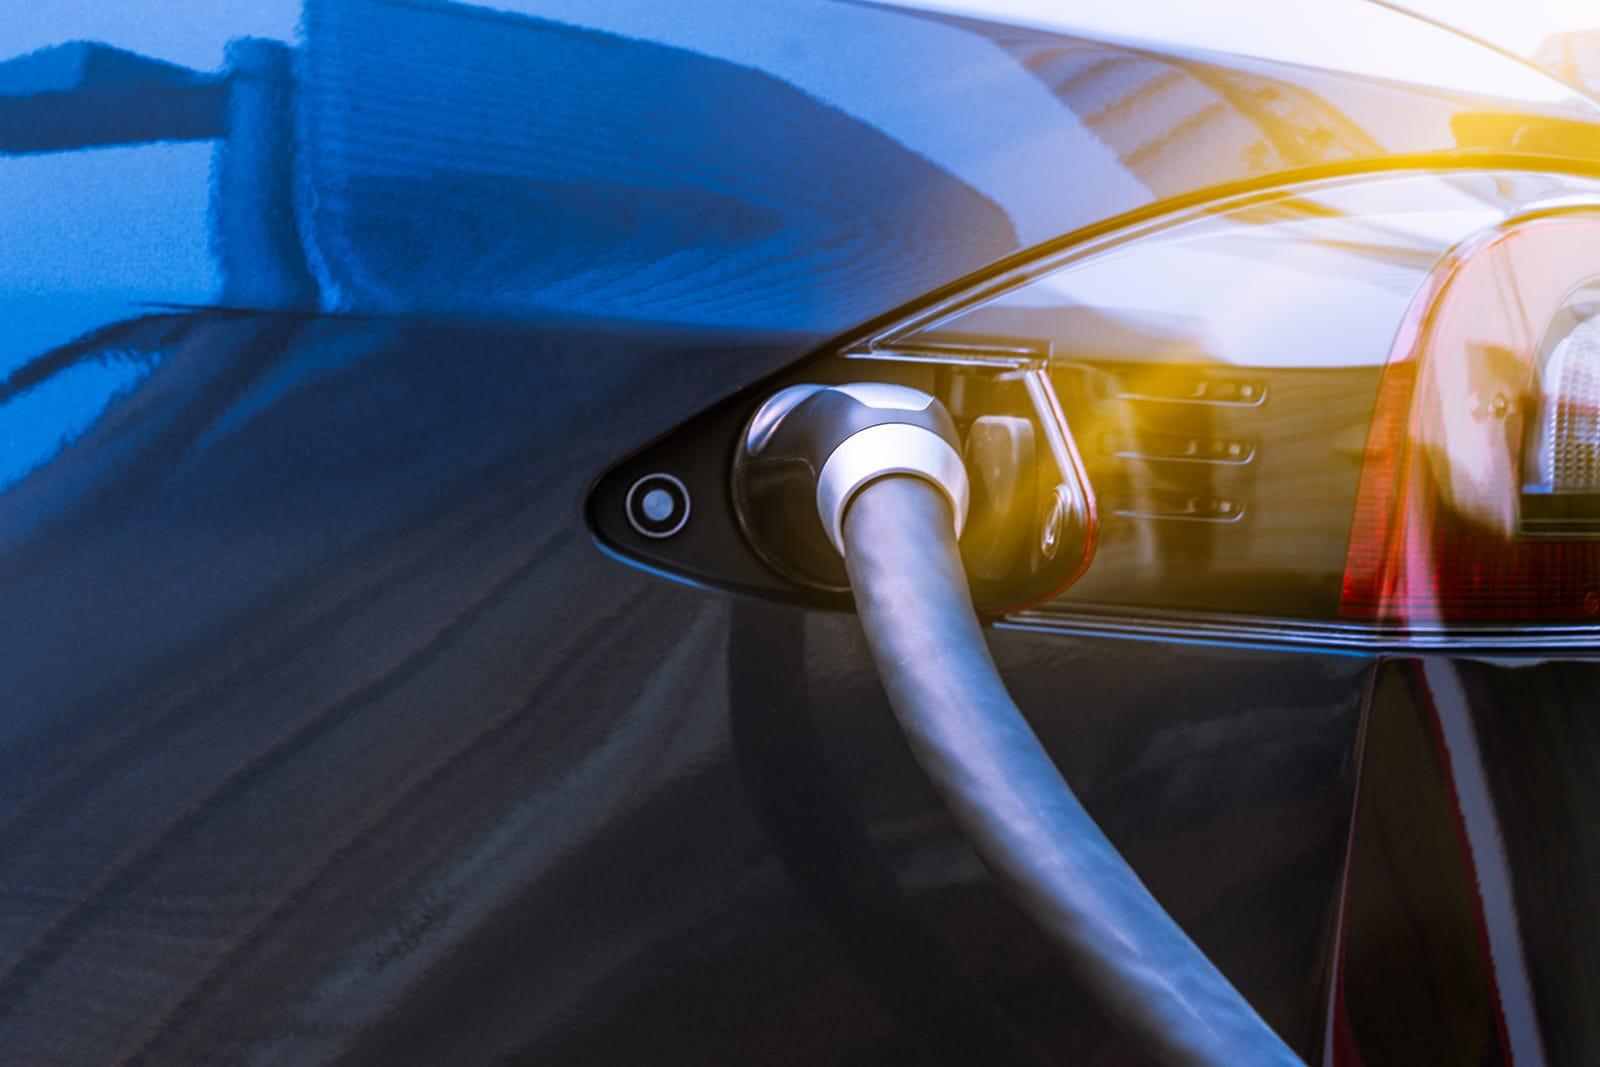 Electric car recharging batteries